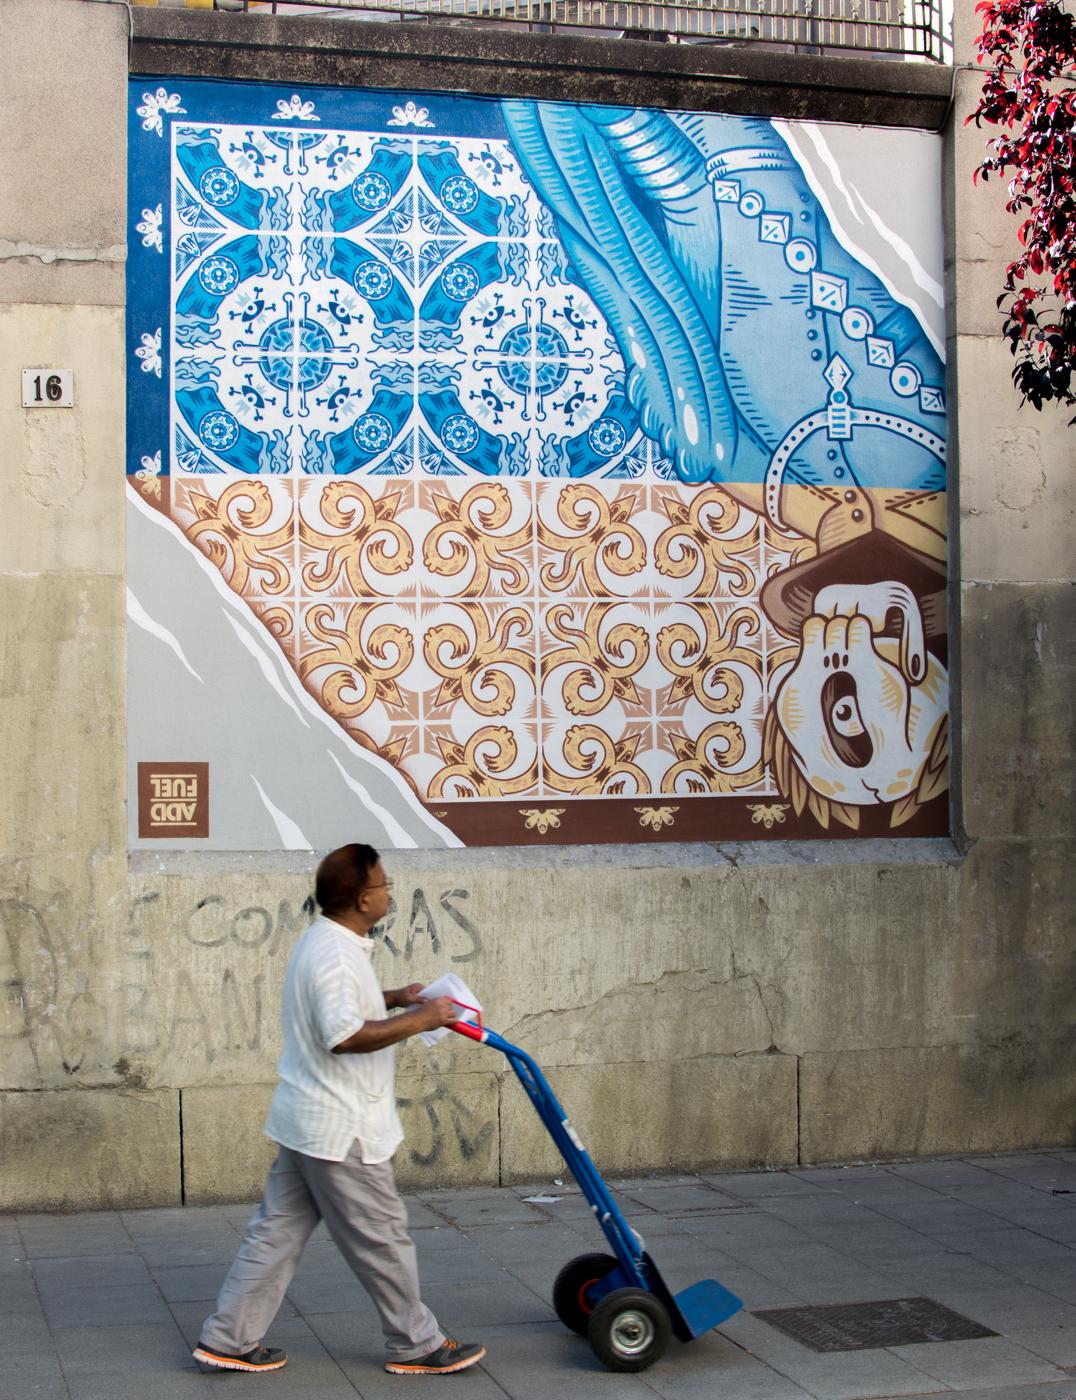 Add Fuel - MurosTabacalera by Guillermo de la Madrid - Madrid Street Art Project final.jpg